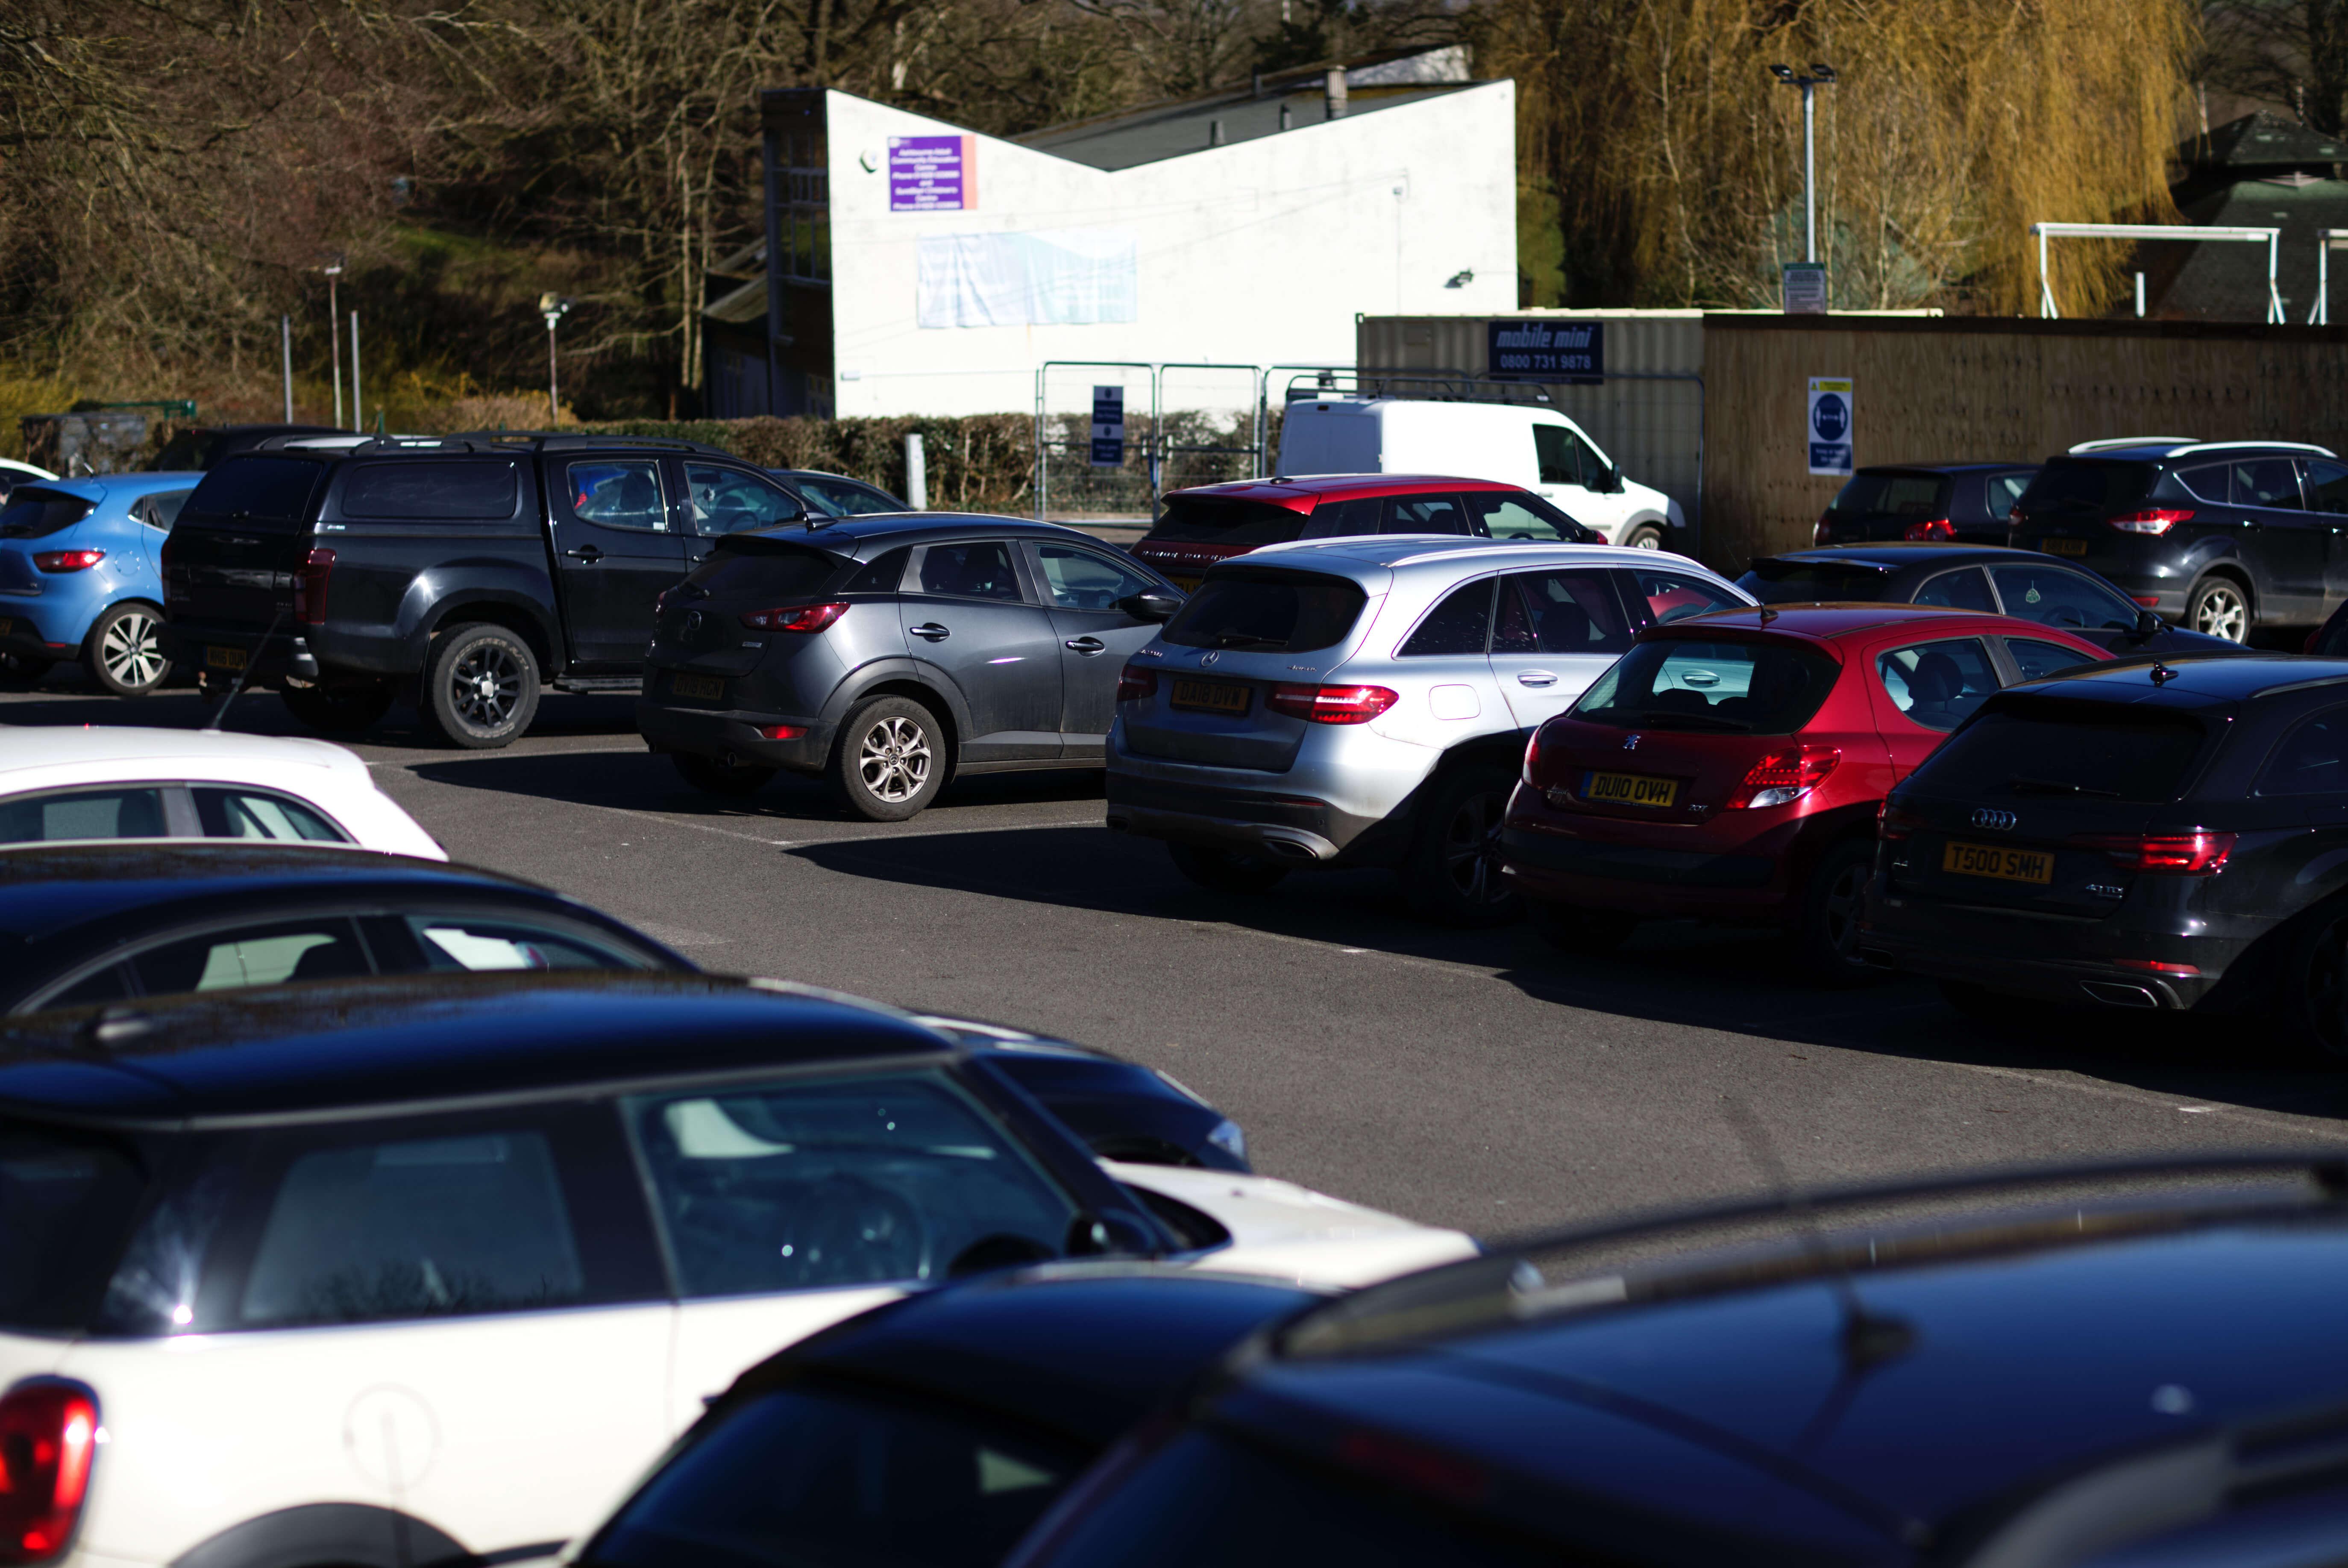 Rugby Club car park